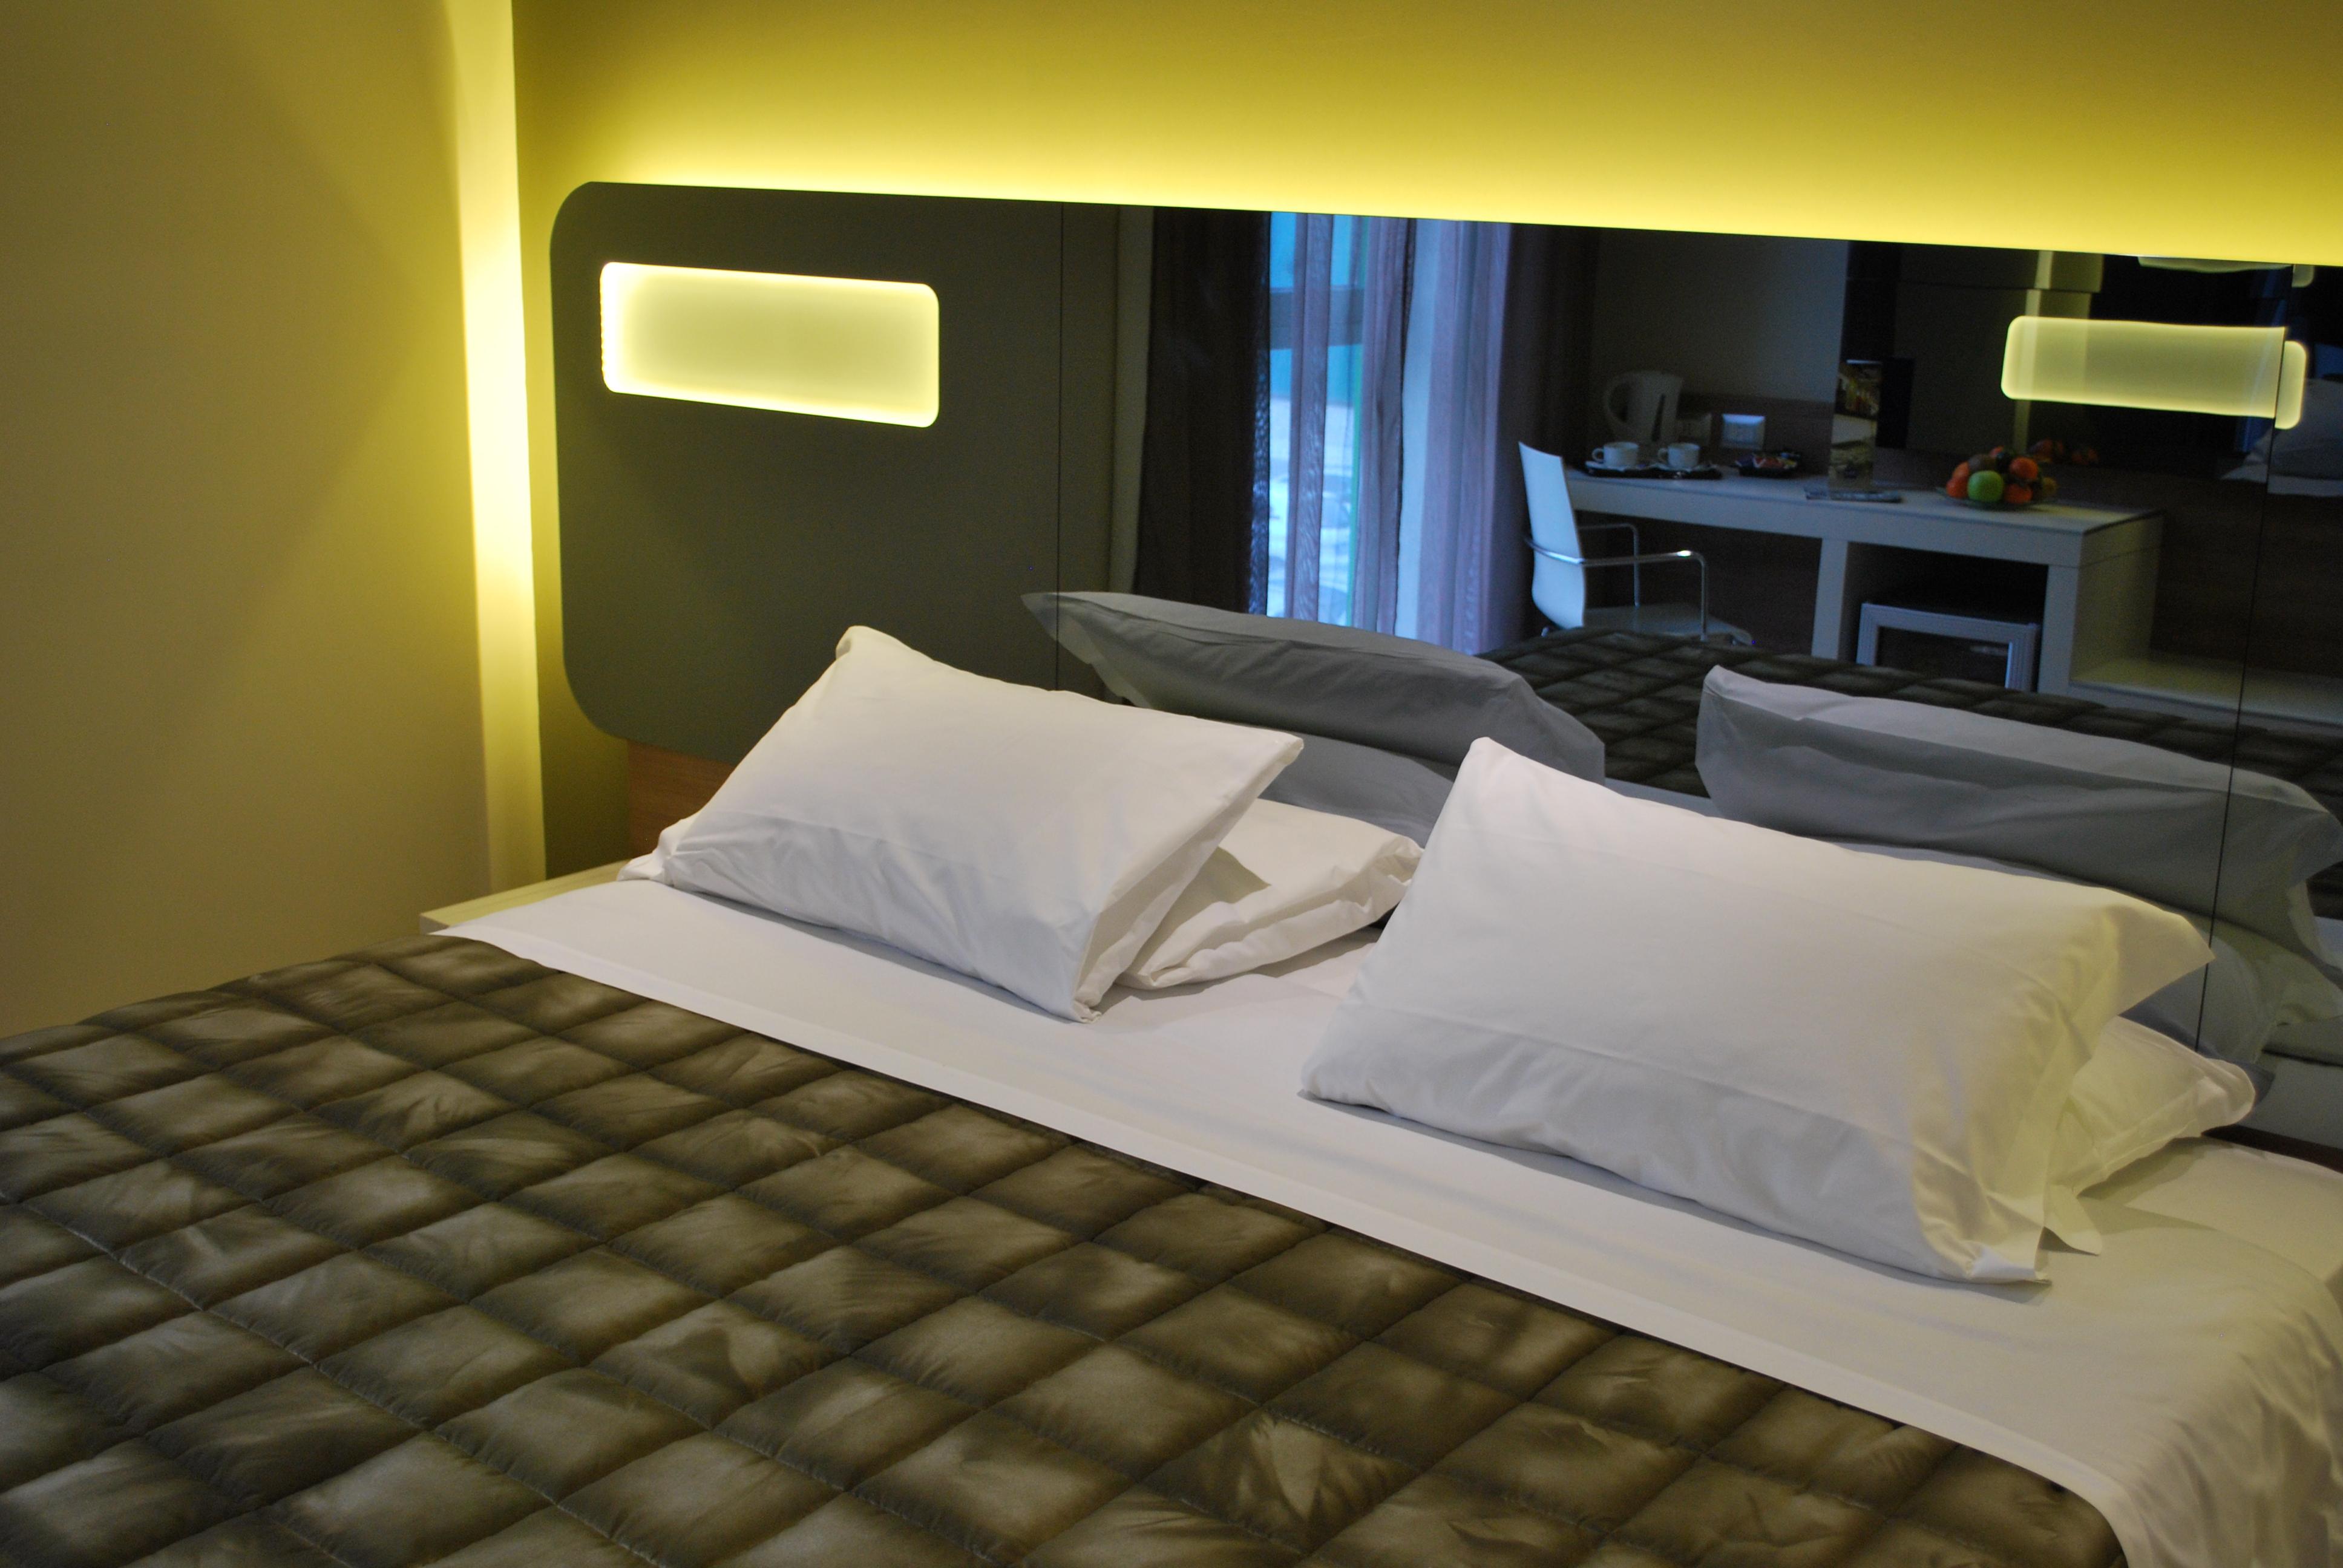 Camera Doppia Idea Hotel Savona